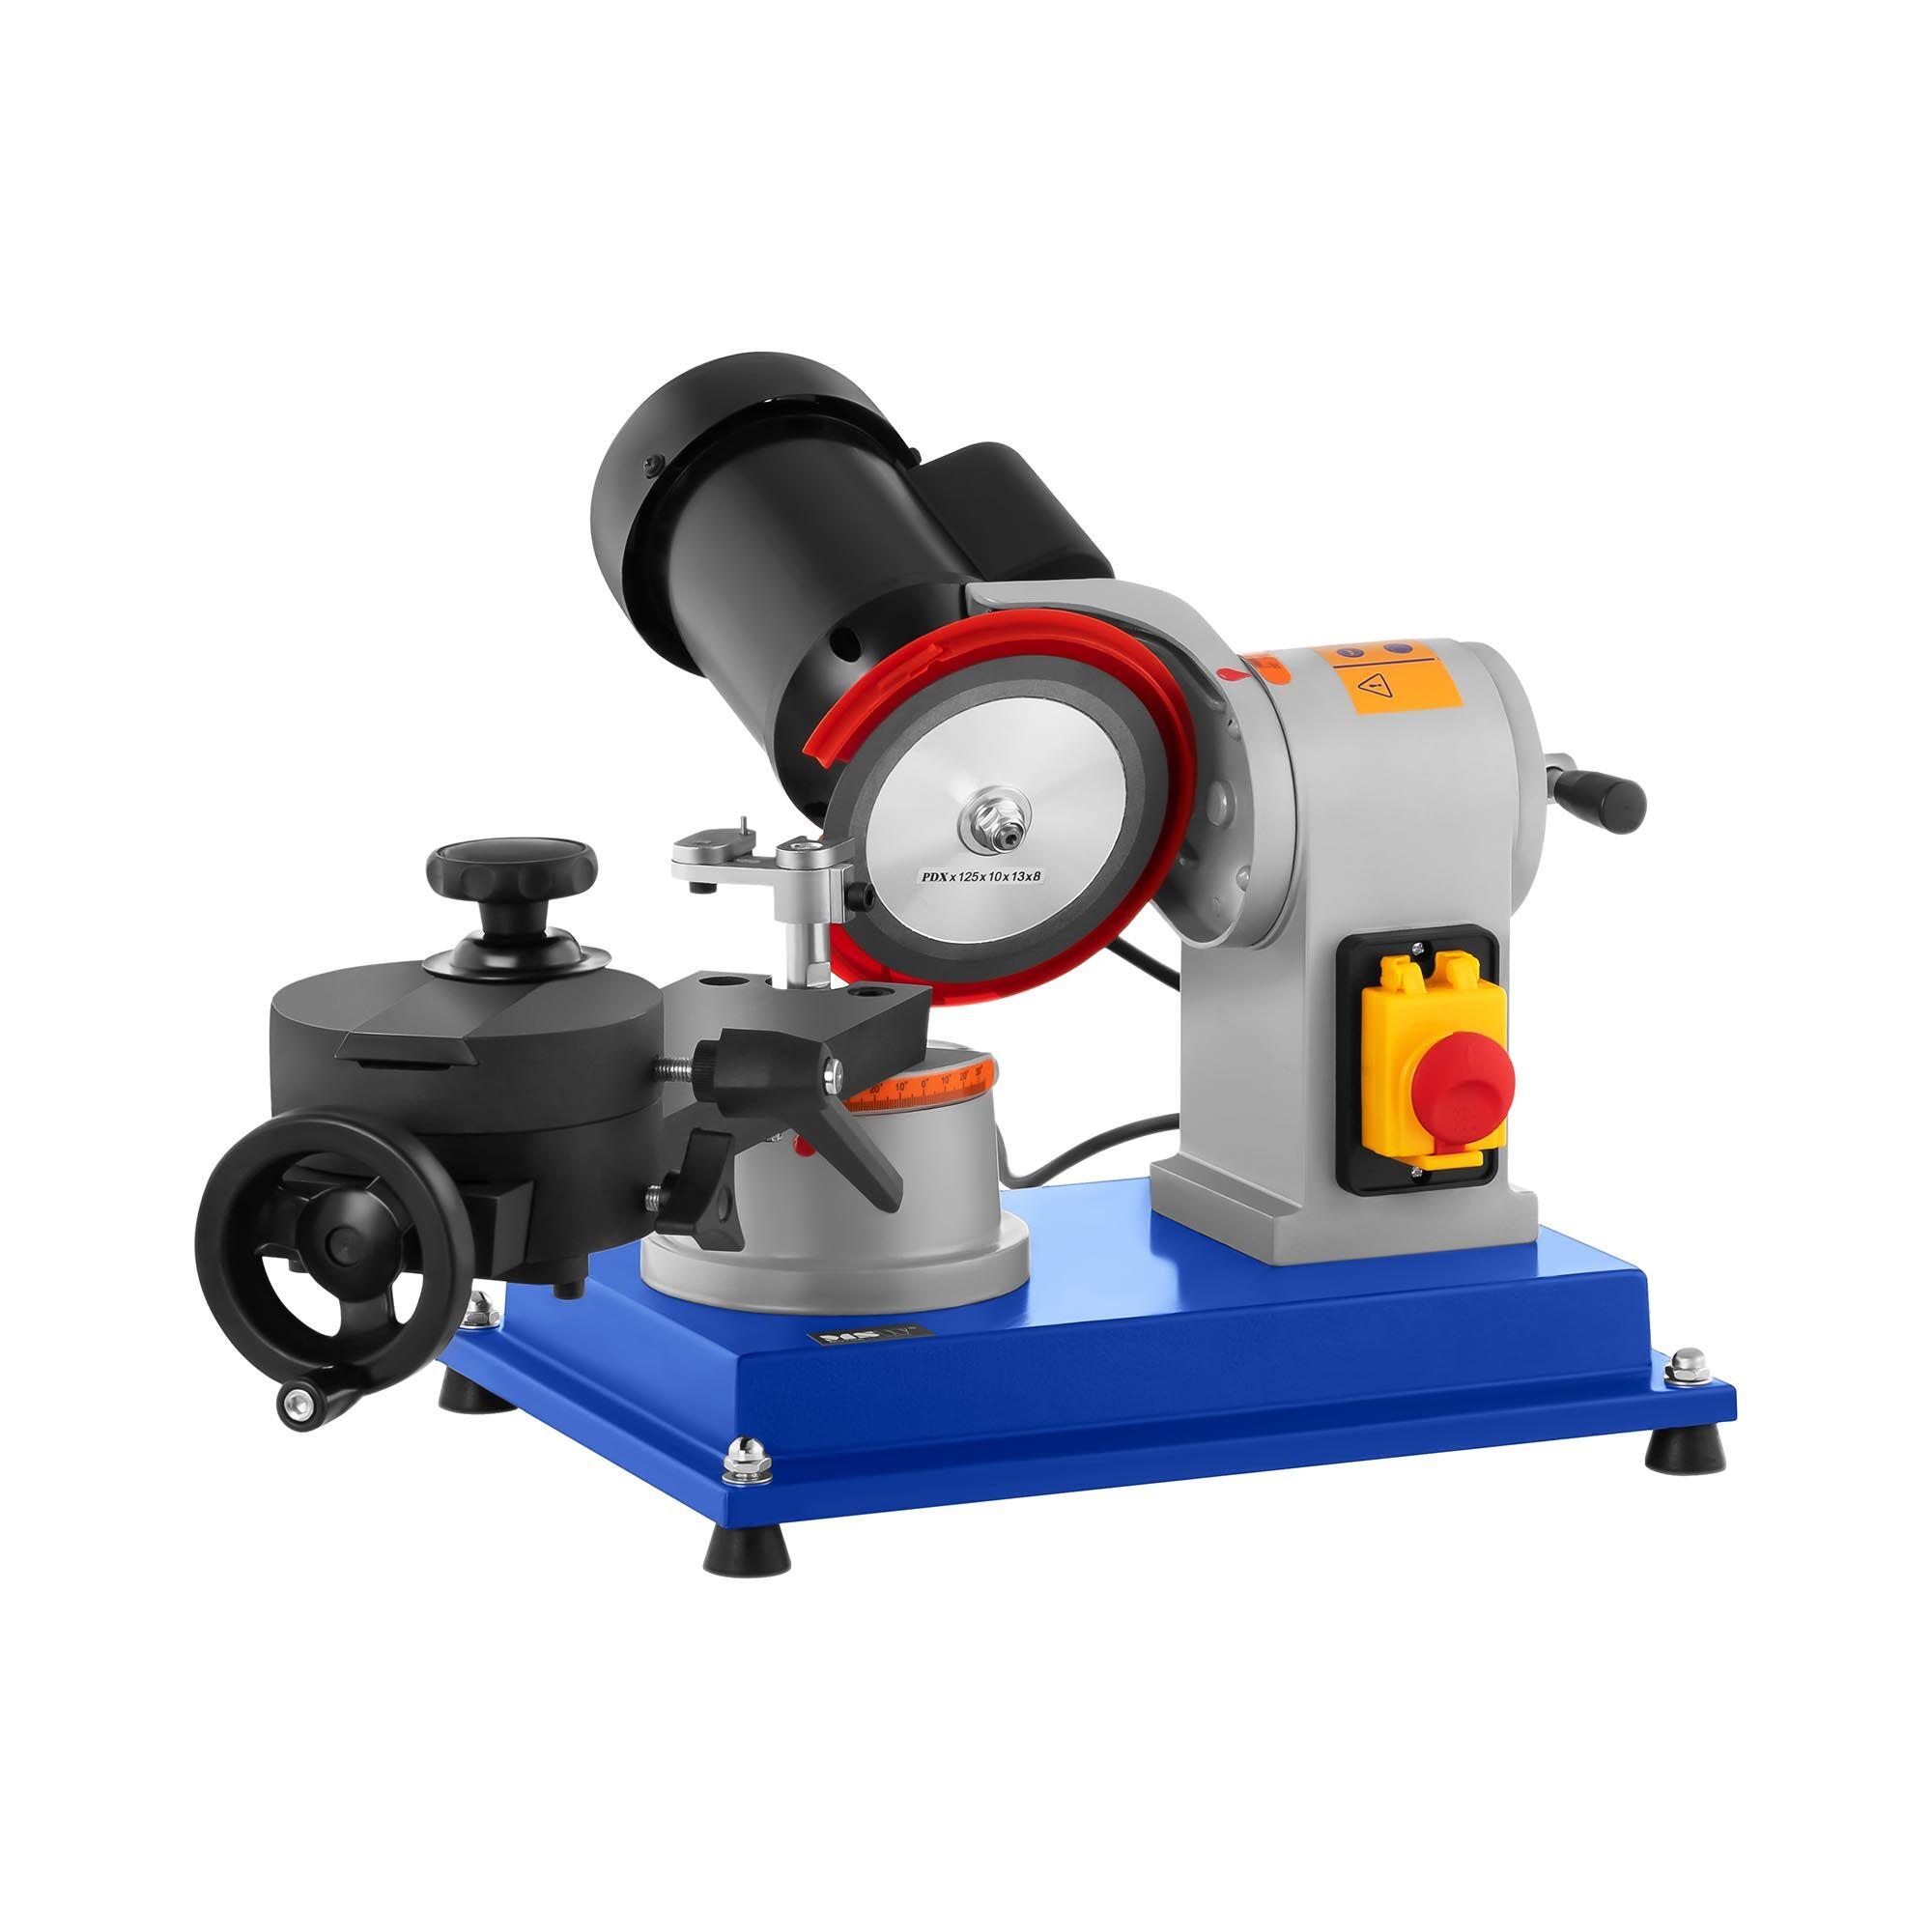 MSW Affûteuse de lame de scie circulaire - 80-700 mm MSW-CBS-250